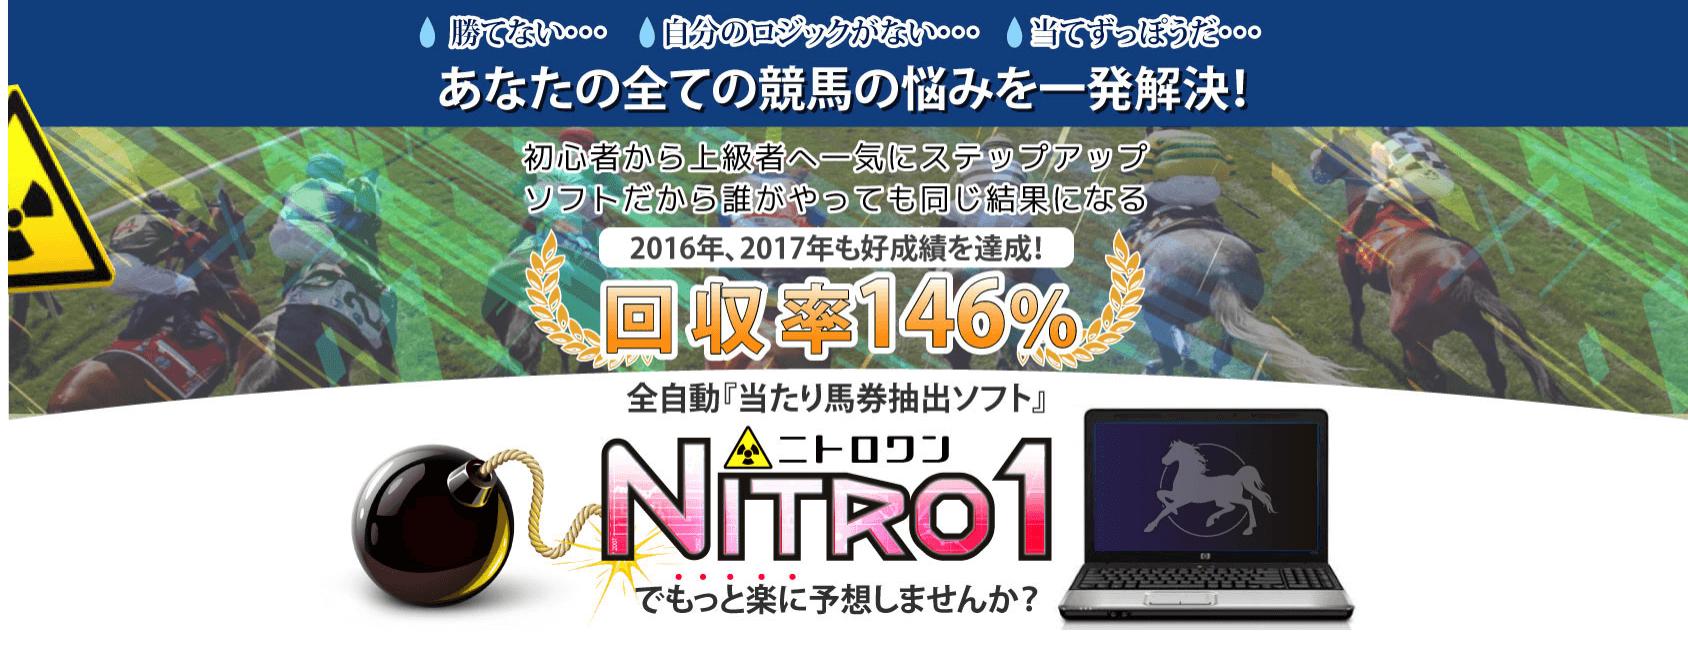 Nitro1(ニトロワン)豪華特典付き評判レビュー